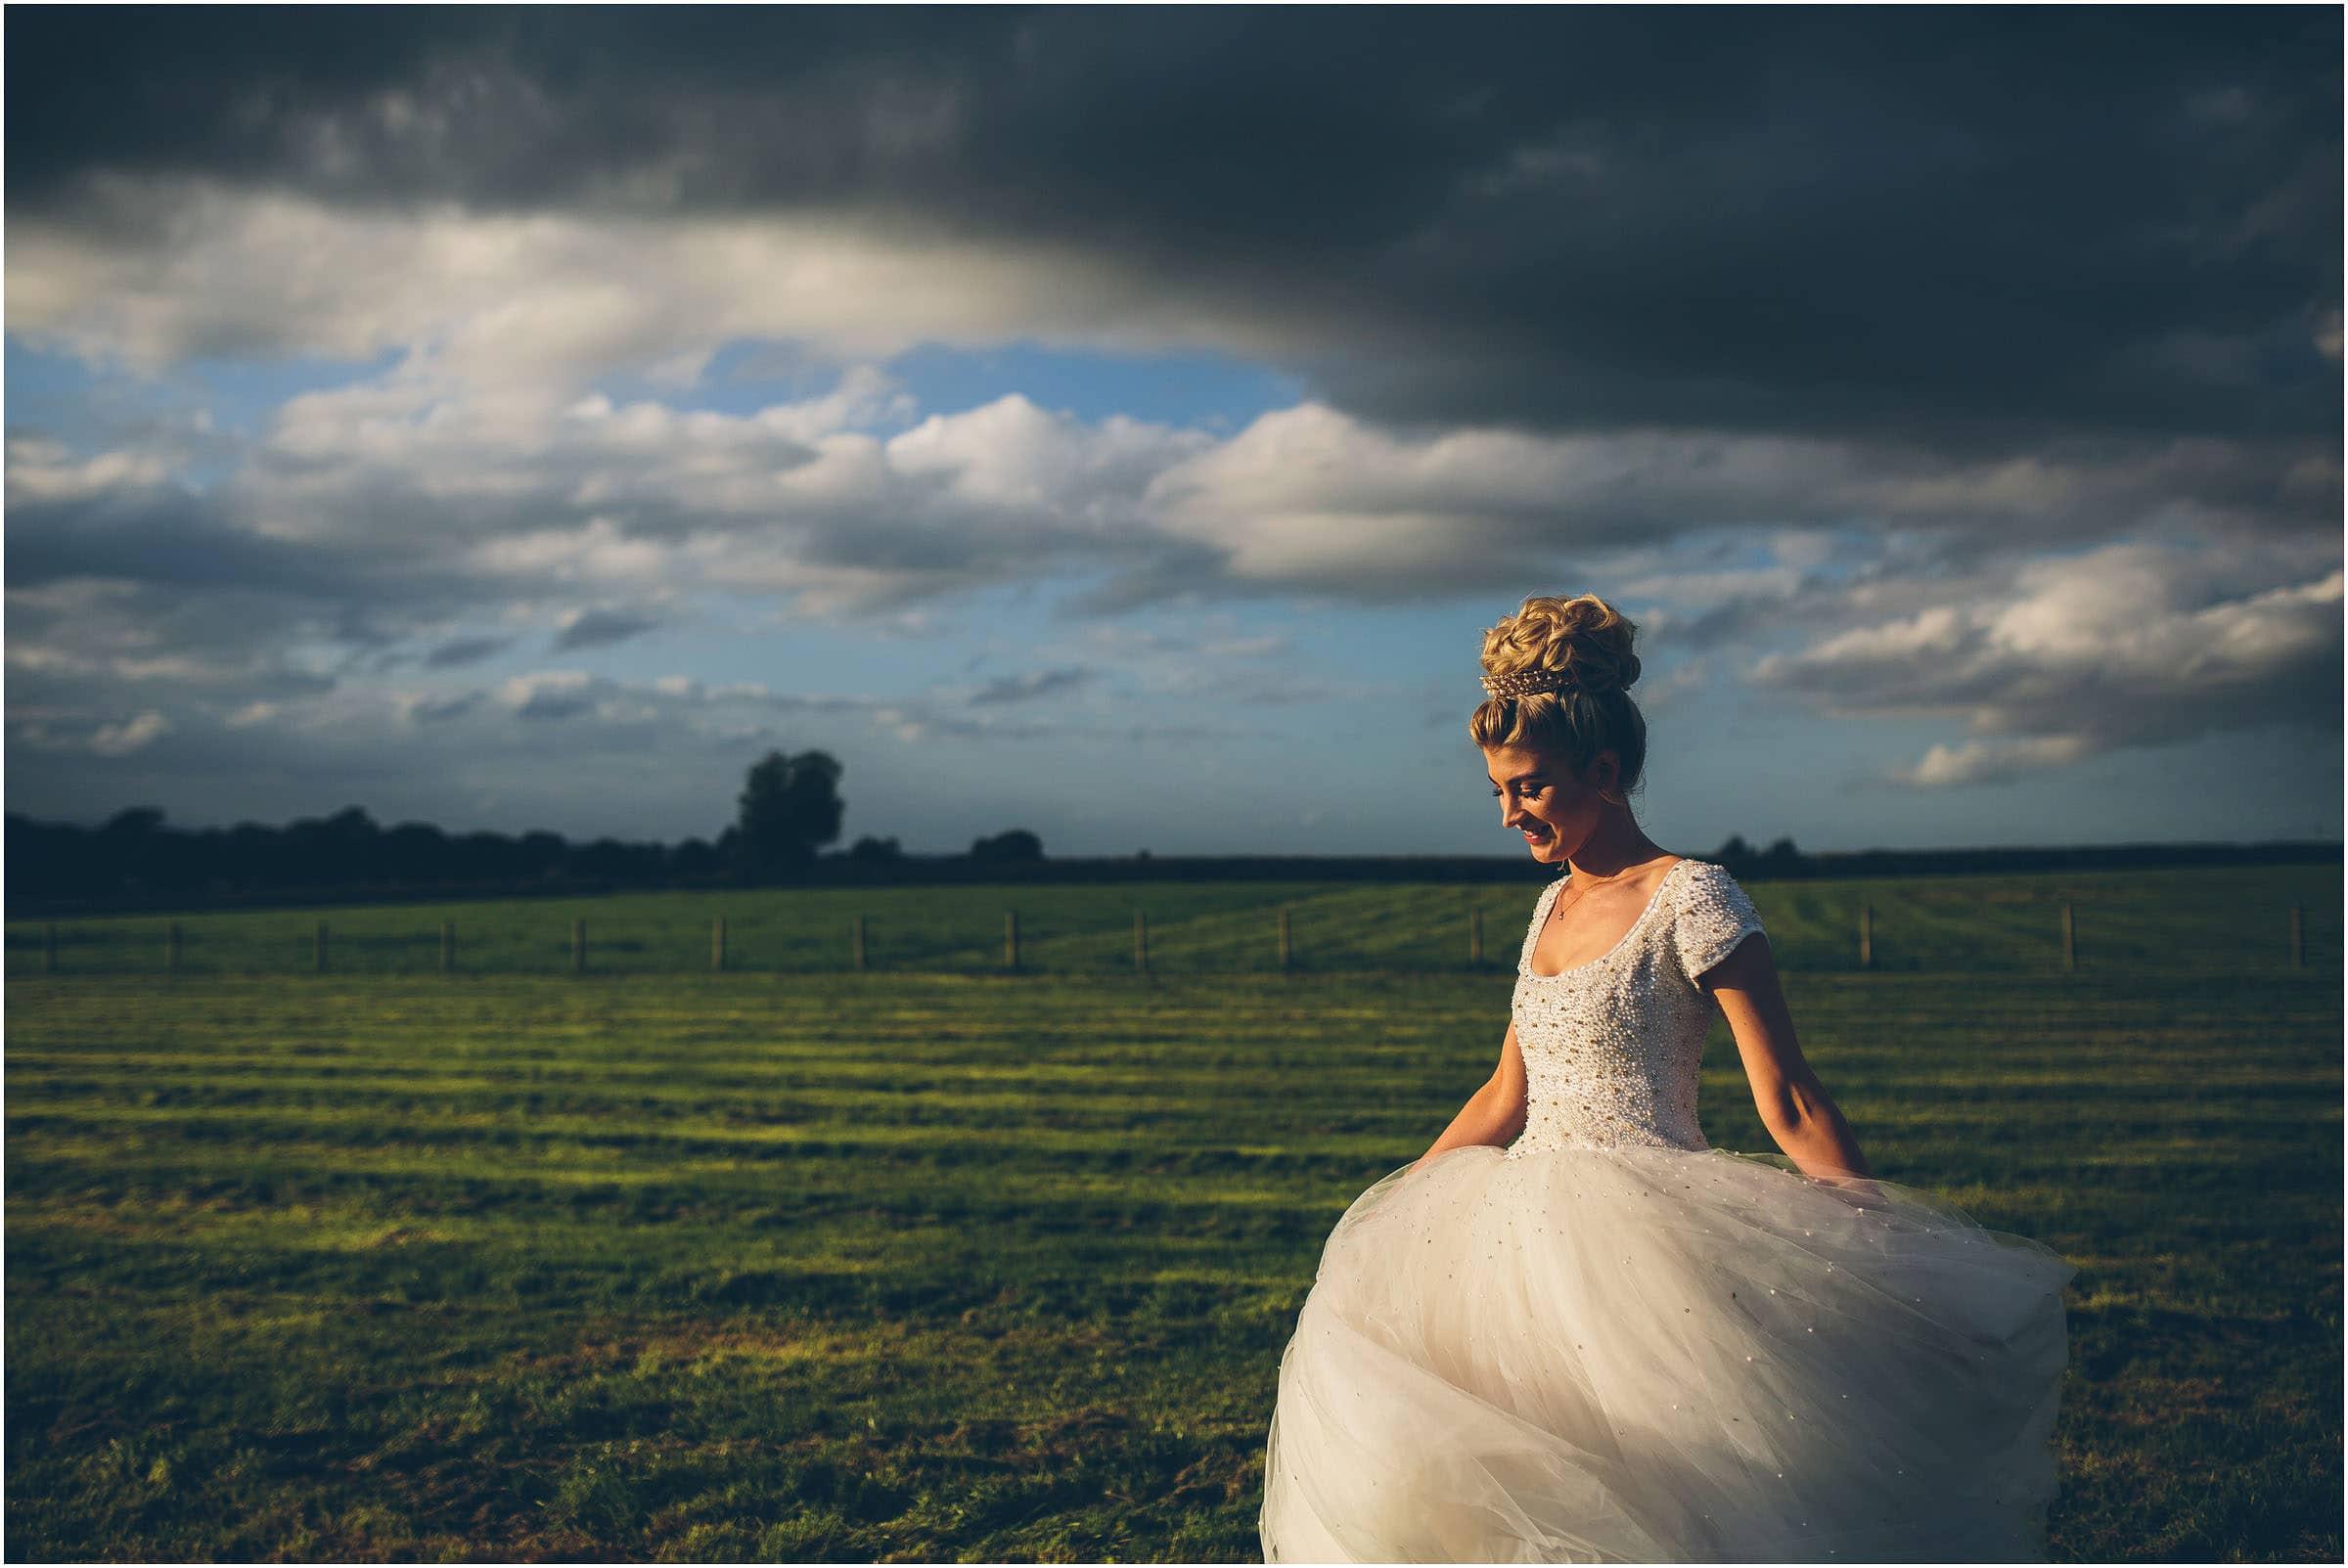 shropshire_wedding_photography_0106